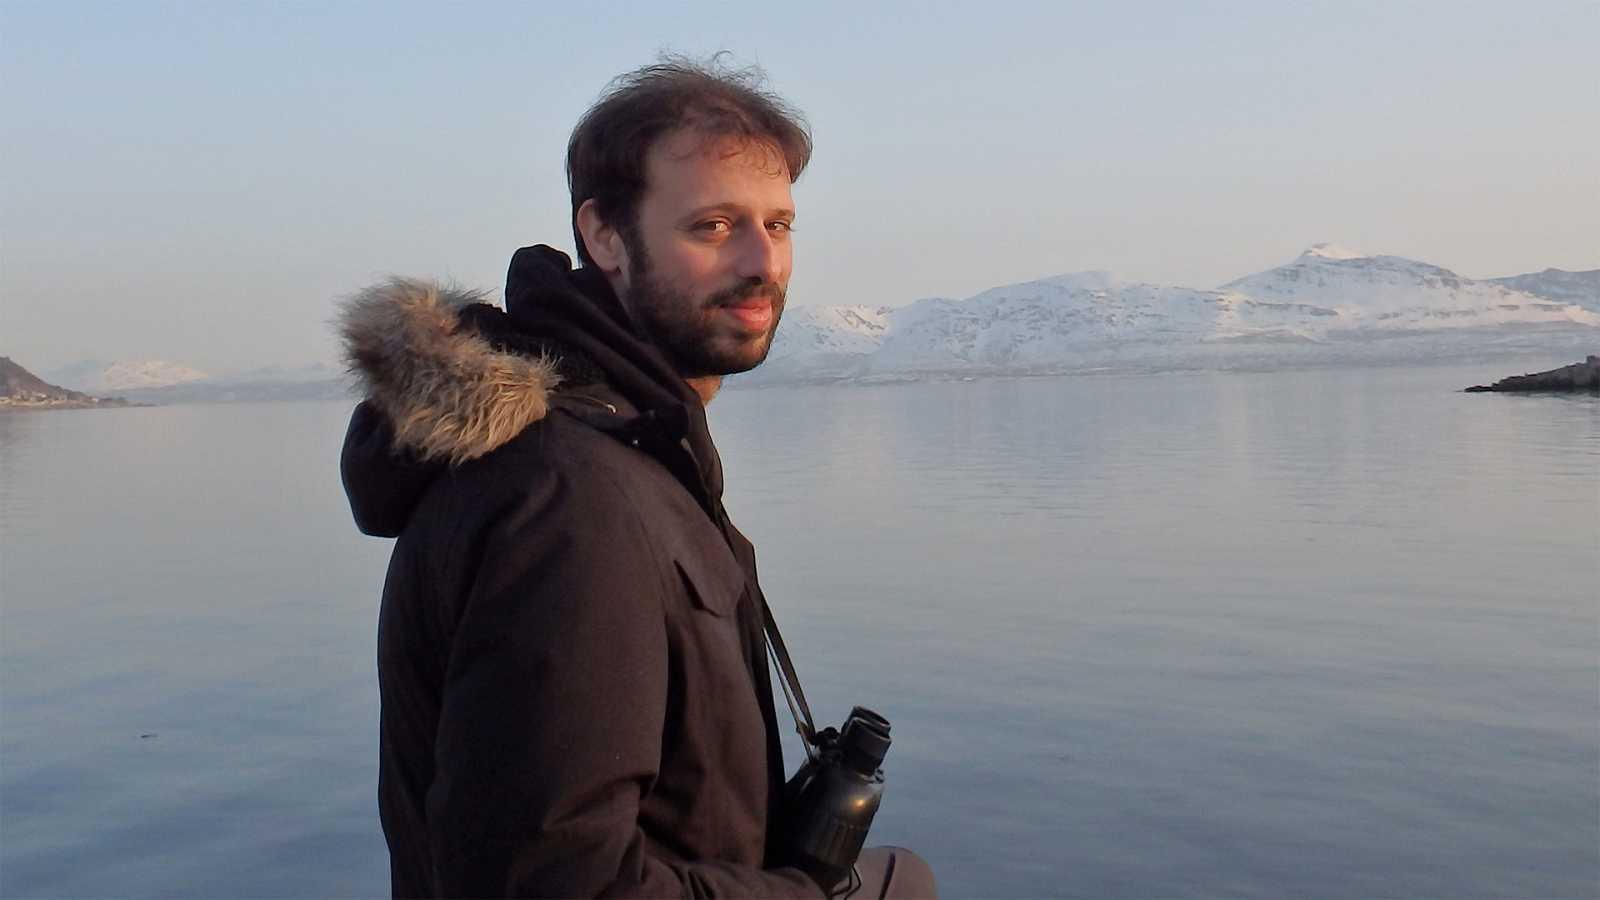 Punto de enlace - Nico Weidberg, investigador marino en Noruega - 29/10/19 - escuchar ahora